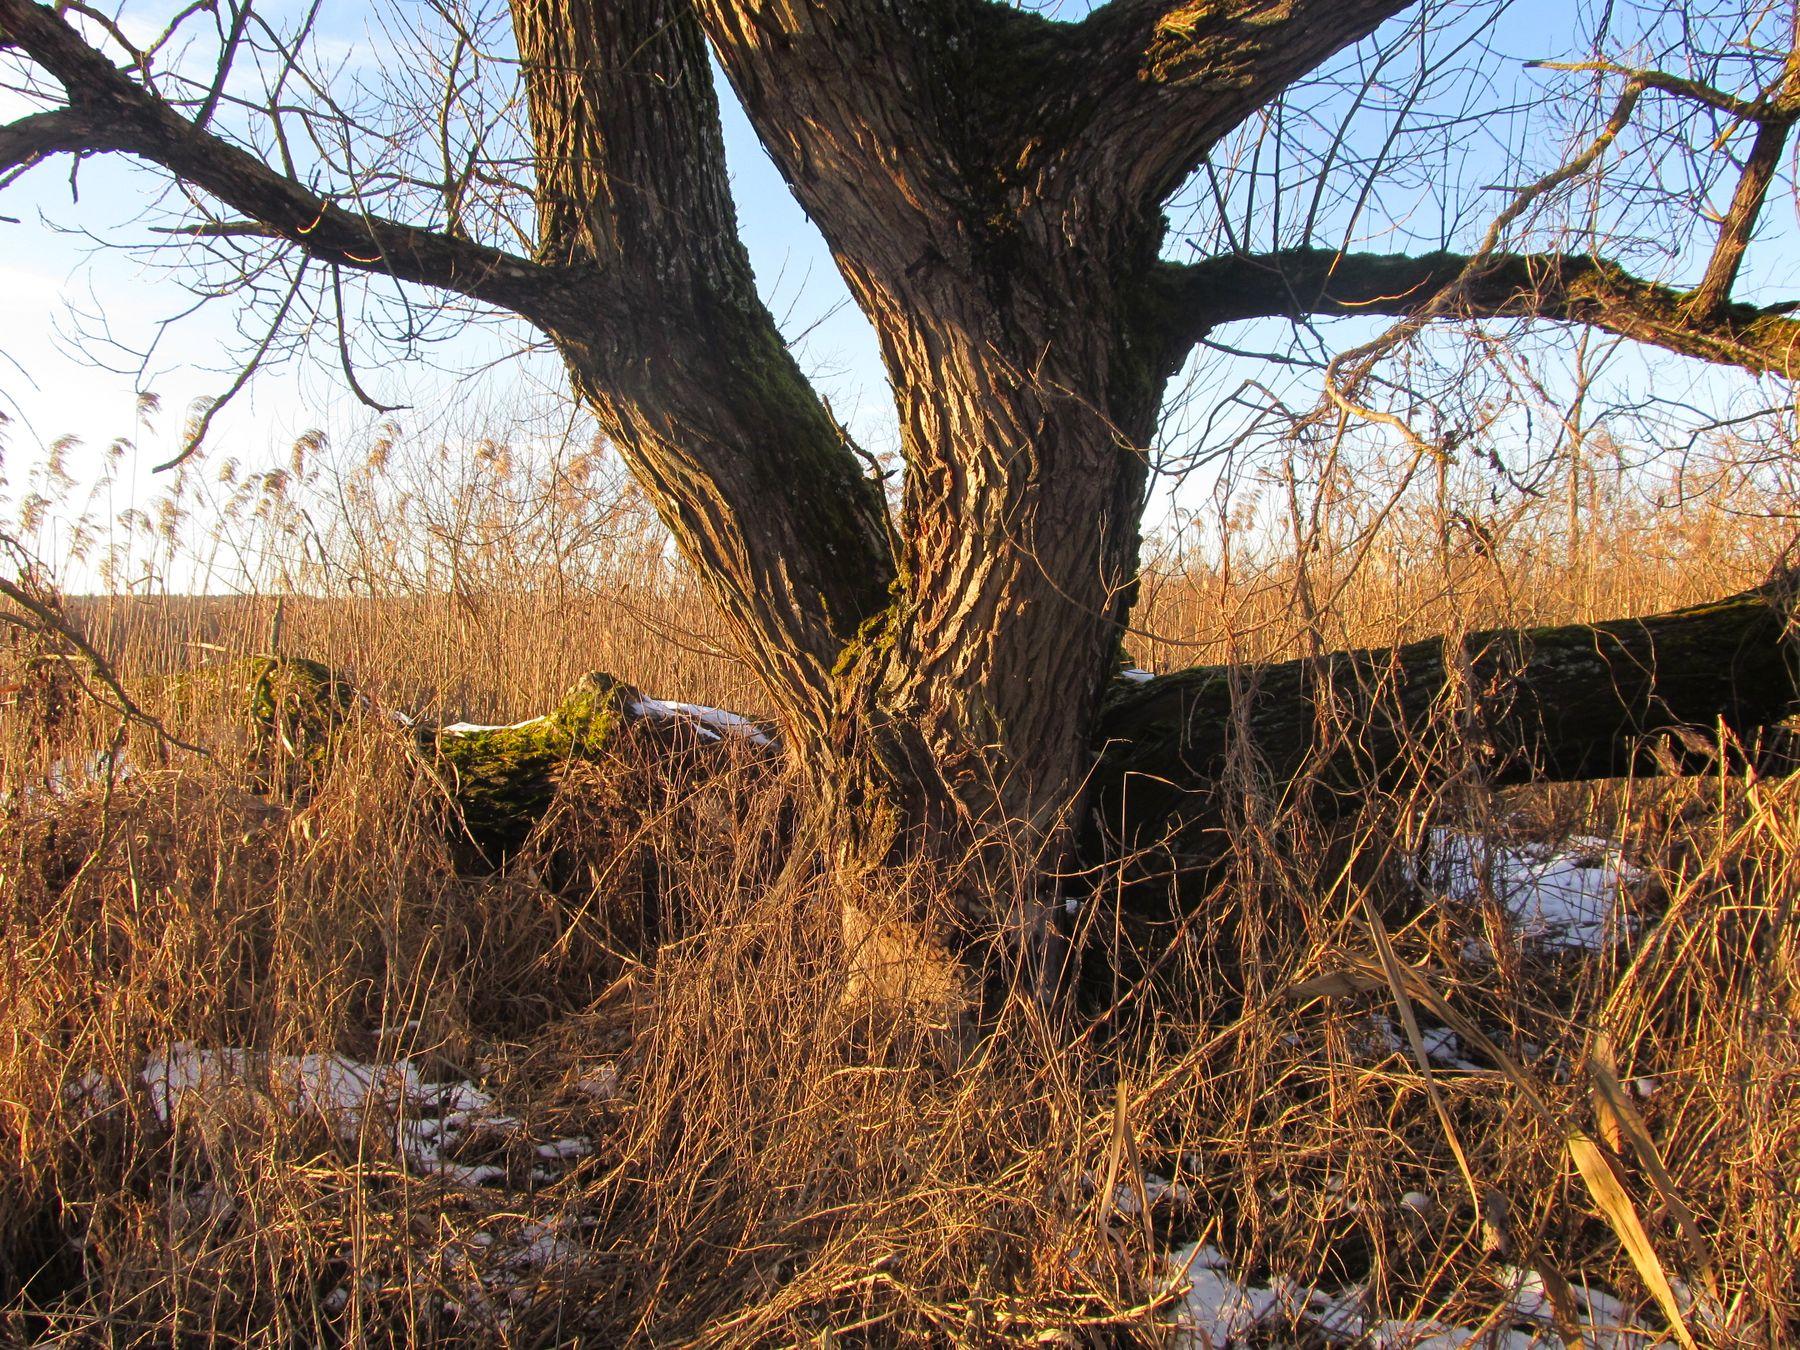 старая ива природа.дерево.осень.беларусь